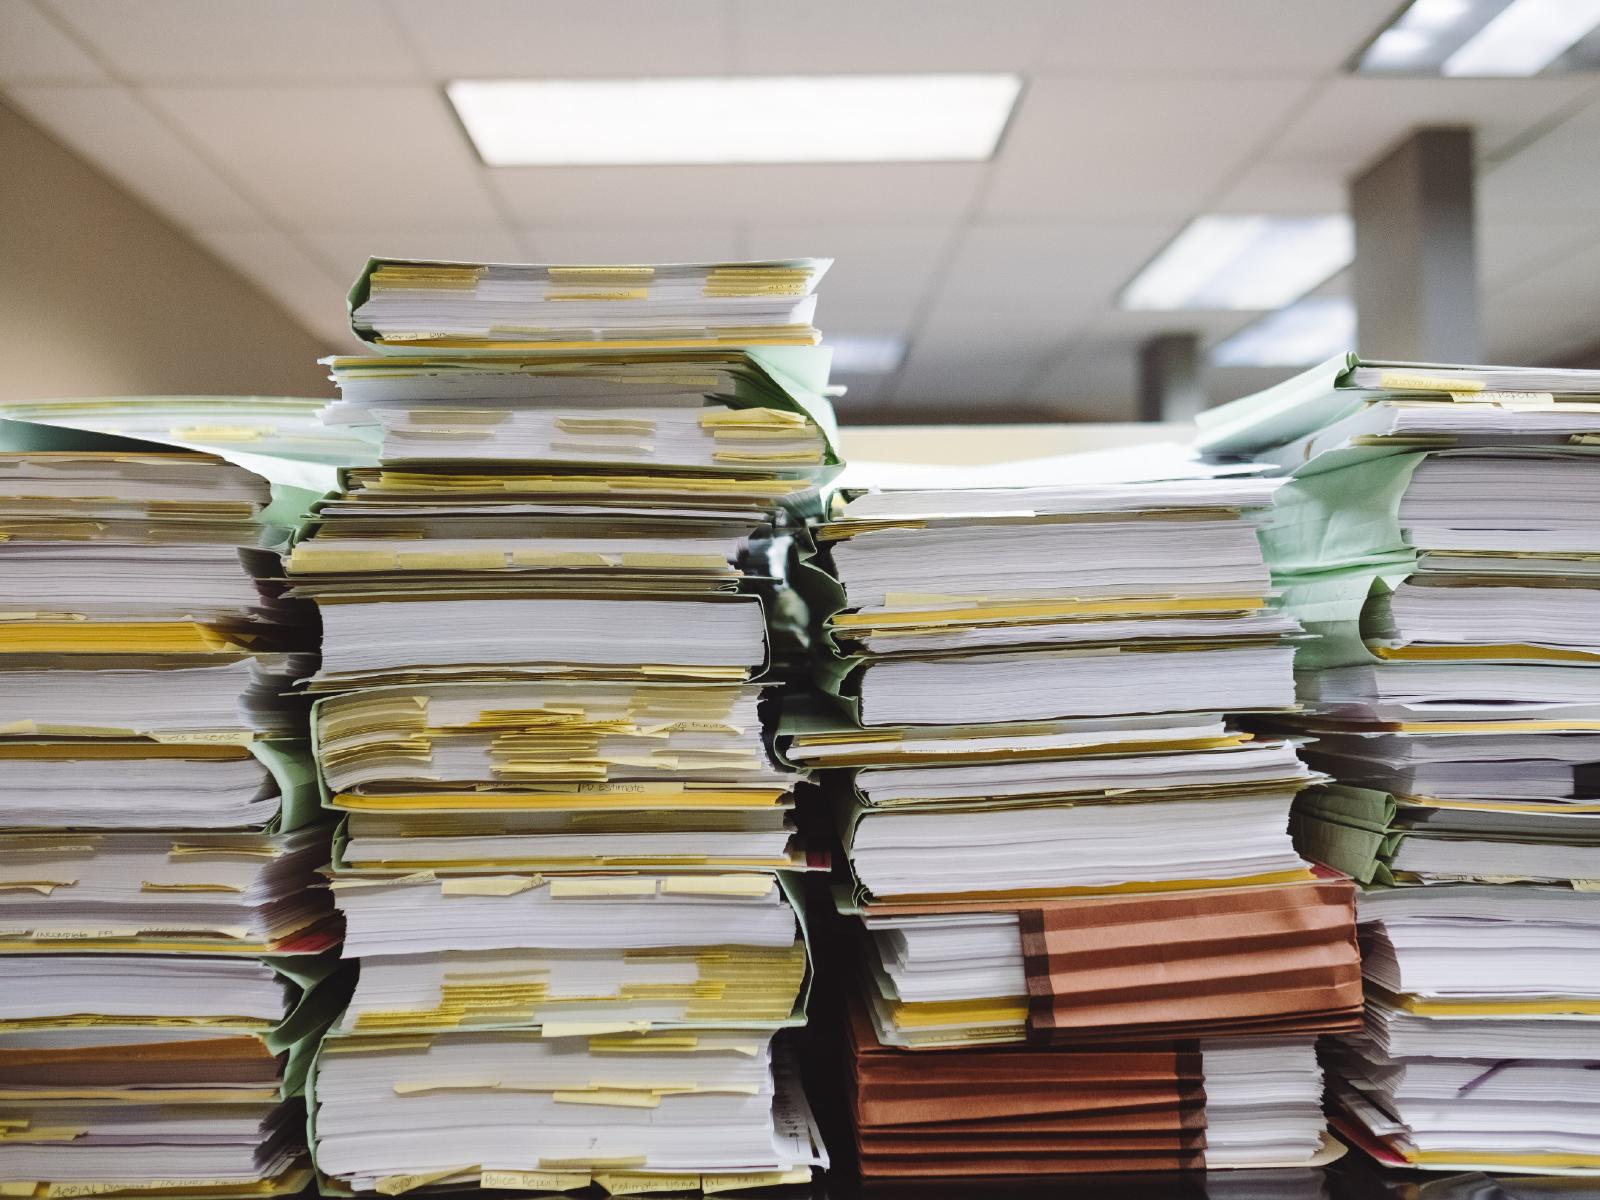 TLC organised office paperwork